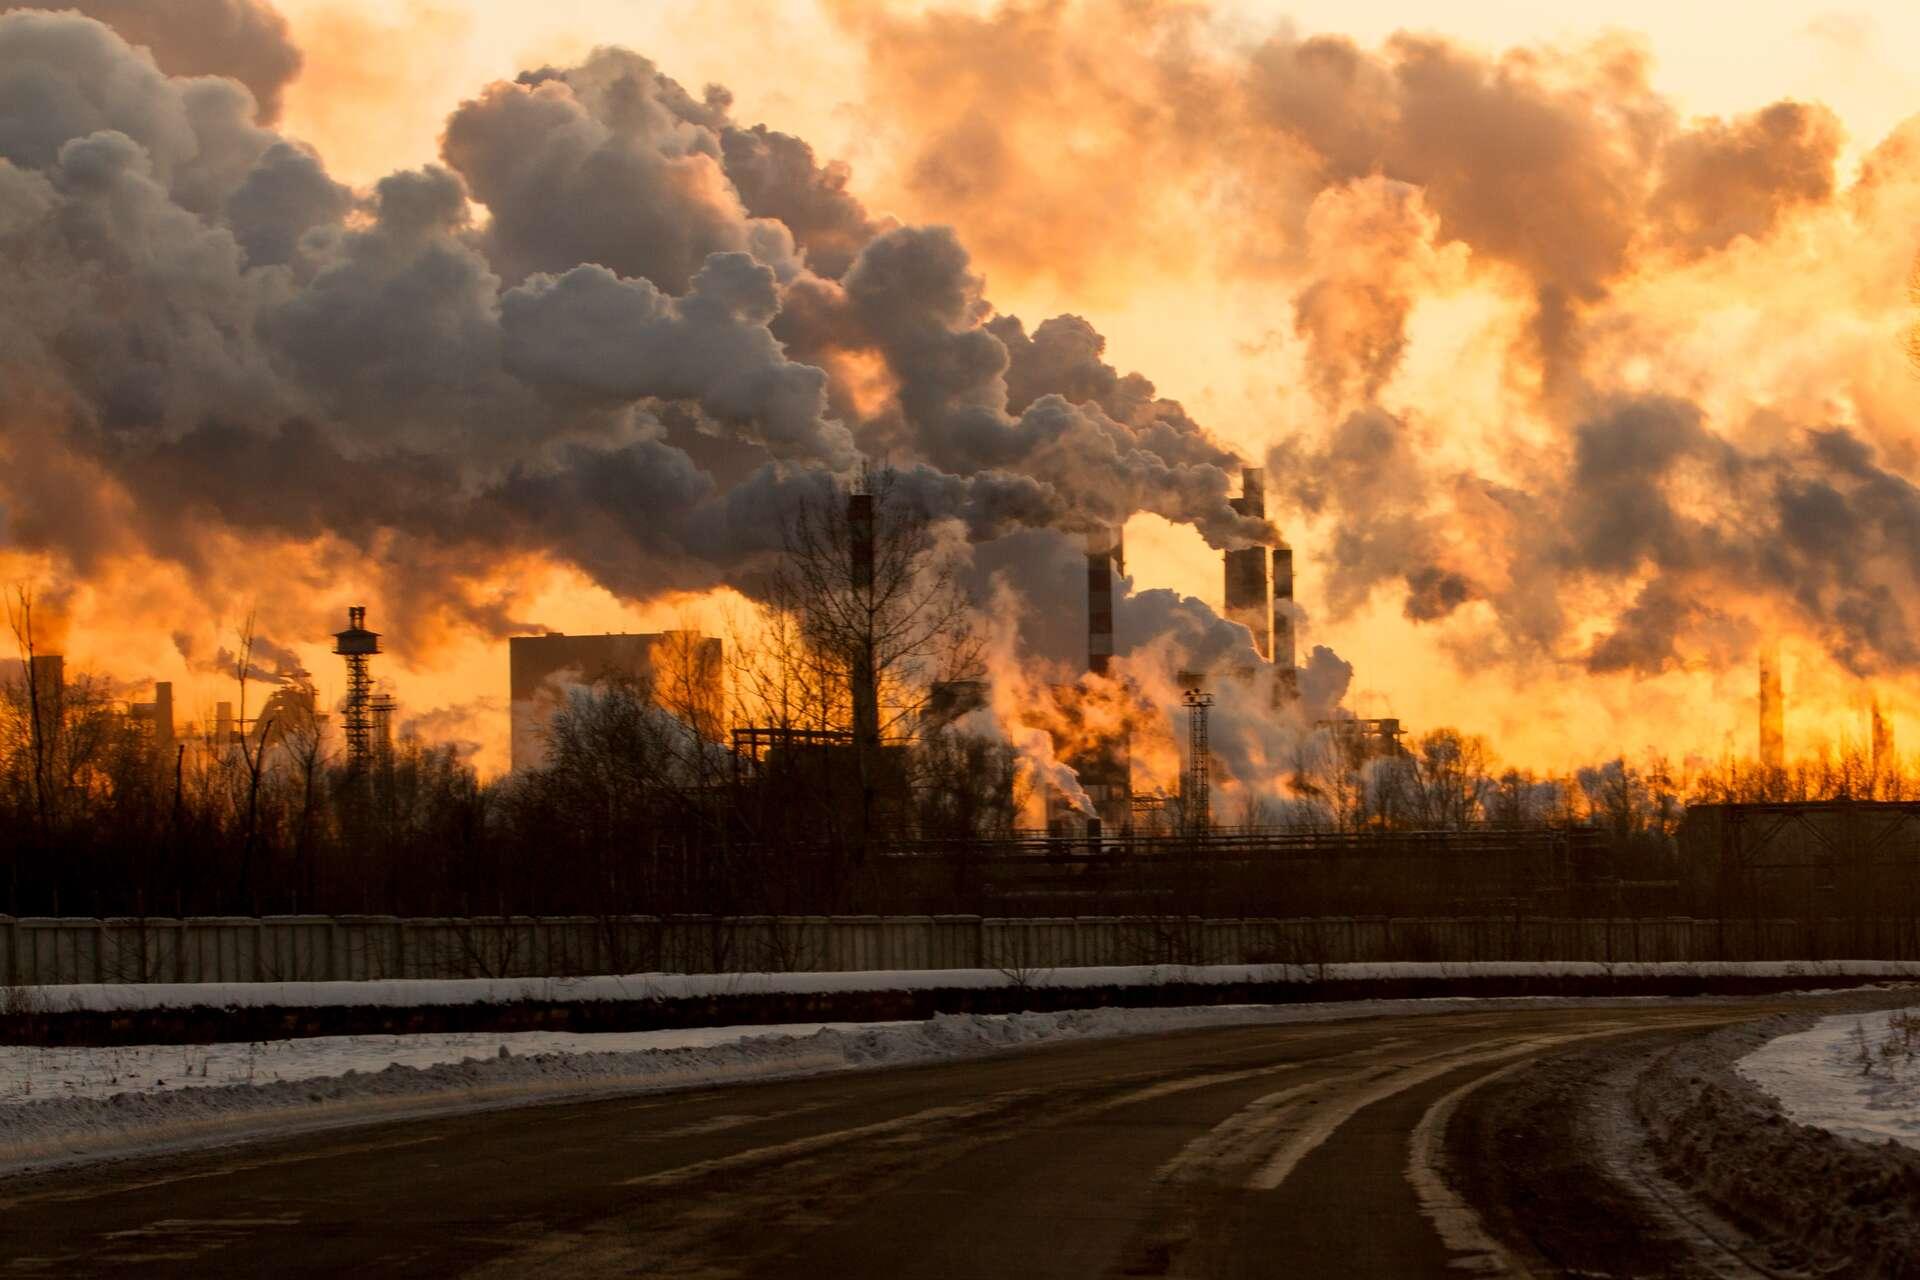 L'activité humaine à l'origine du réchauffement climatique menace la planète. © adydyka2780, Adobe Stock